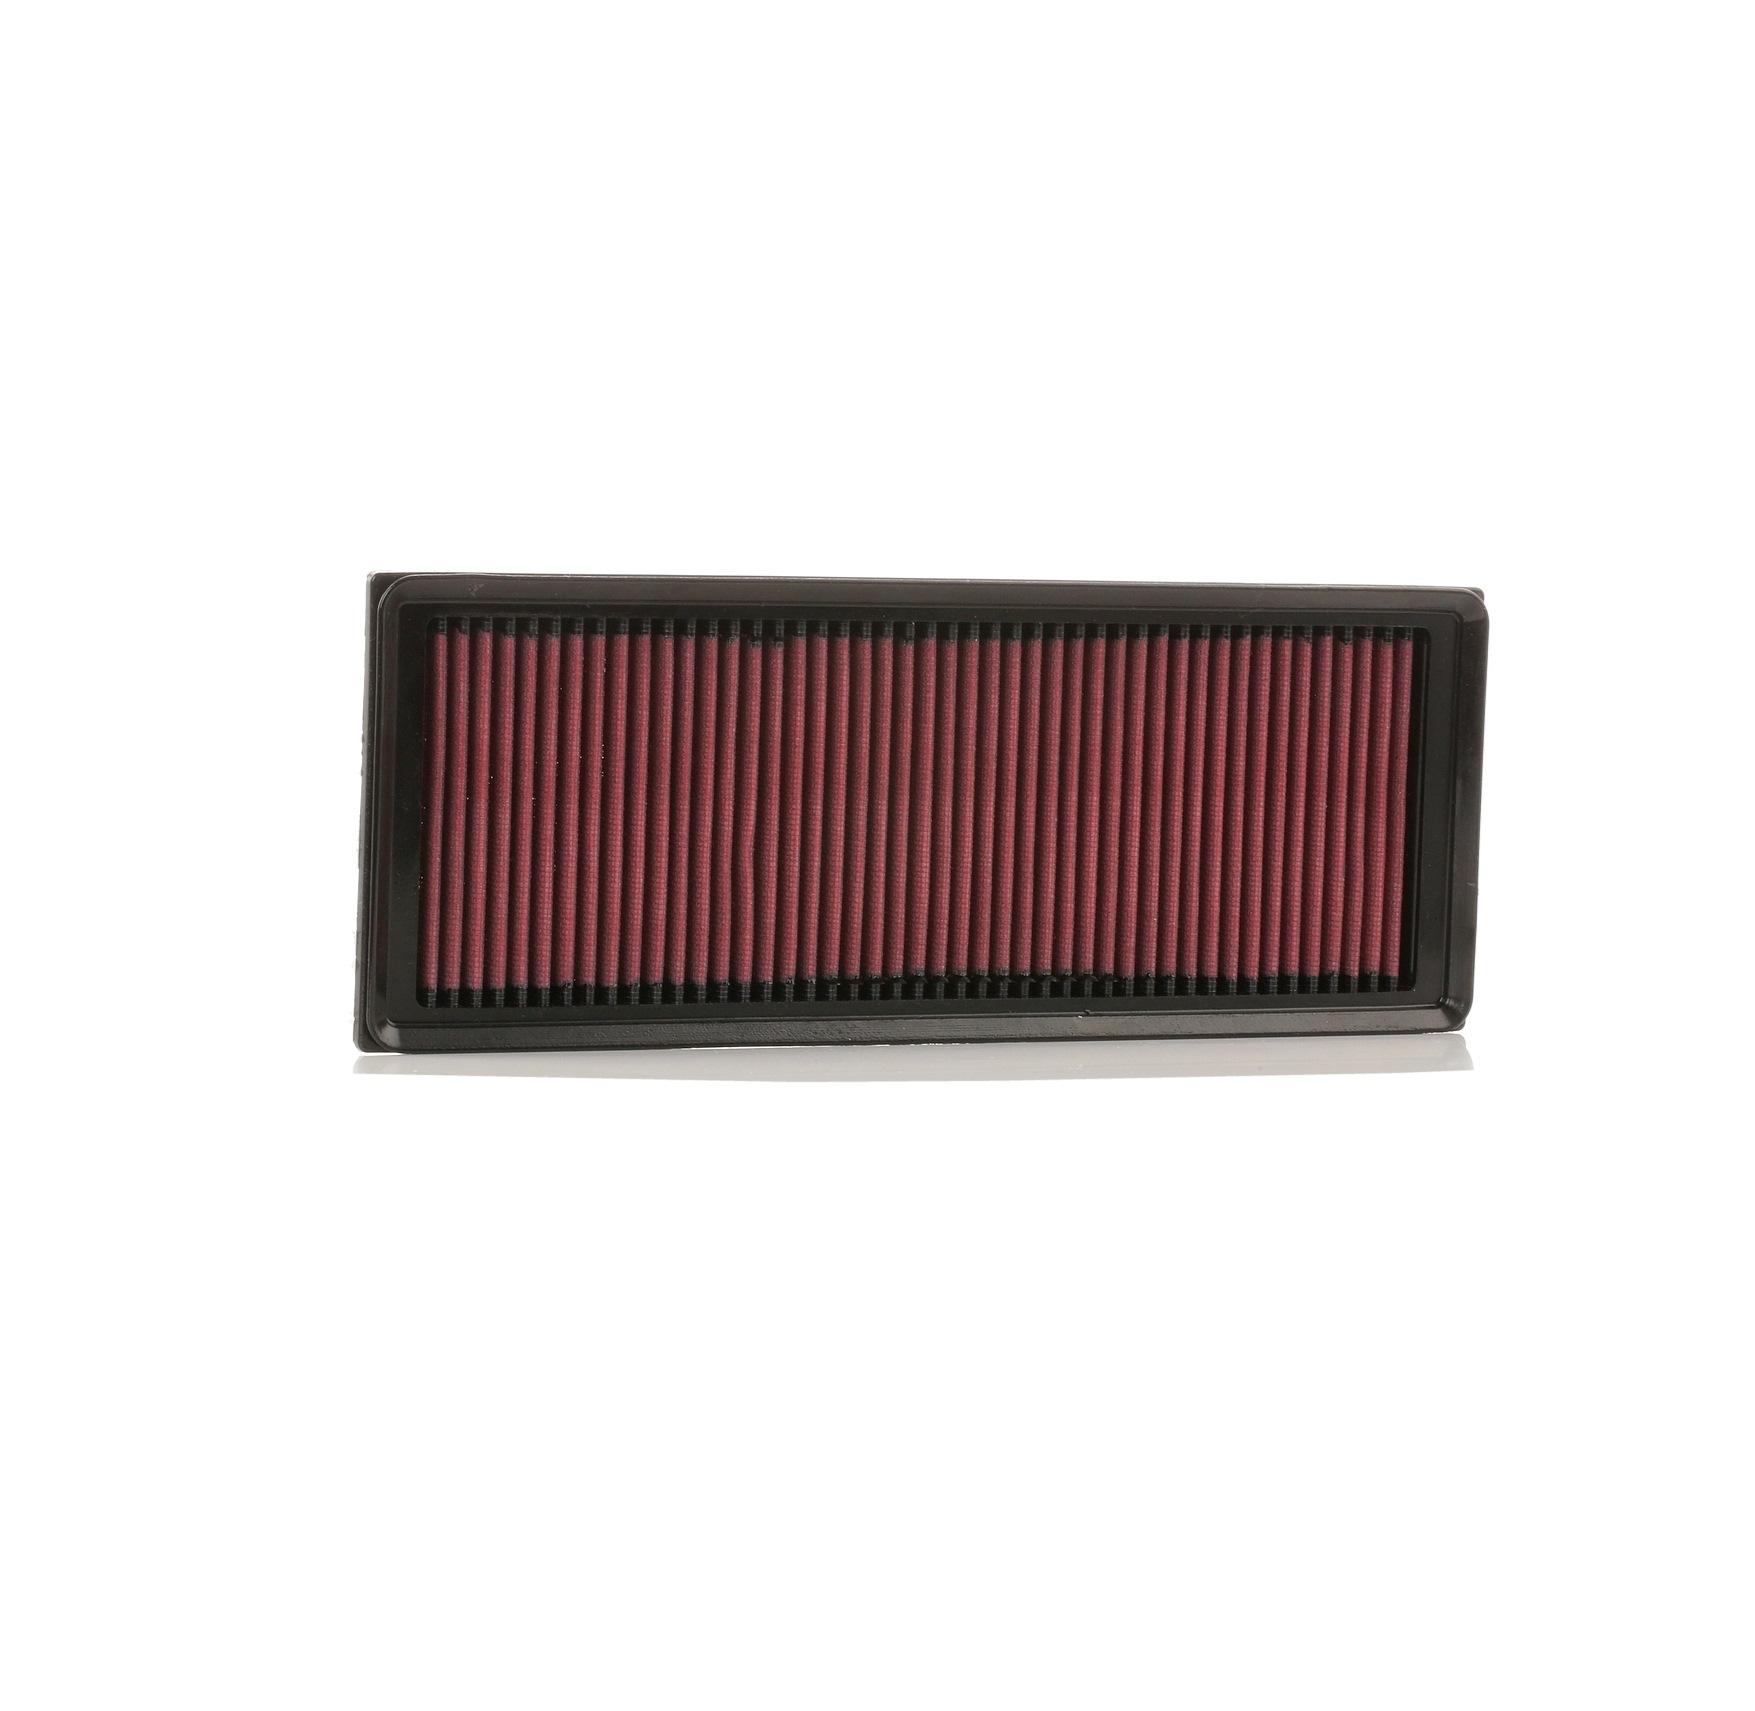 K&N Filters: Original Luftfiltereinsatz 33-3039 (Länge: 349mm, Länge: 349mm, Breite: 135mm, Höhe: 30mm)